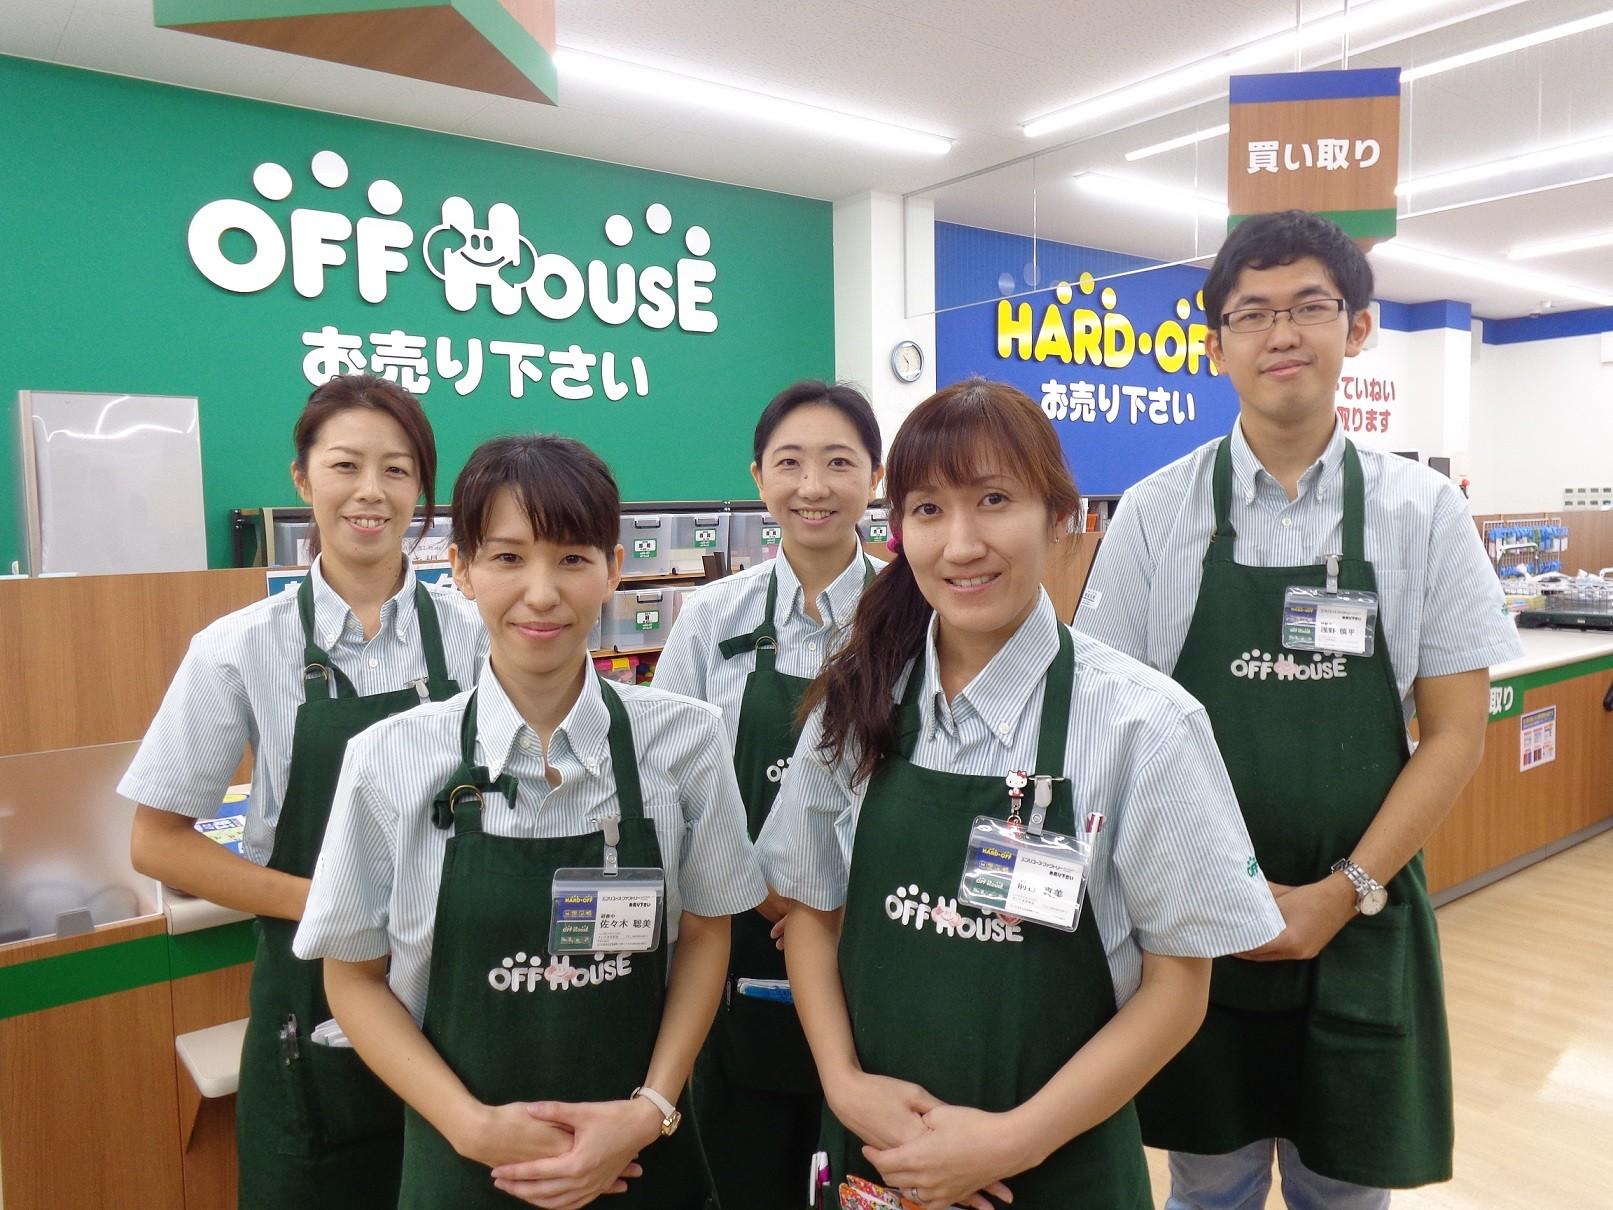 ハードオフ・オフハウス 春日部店 のアルバイト情報